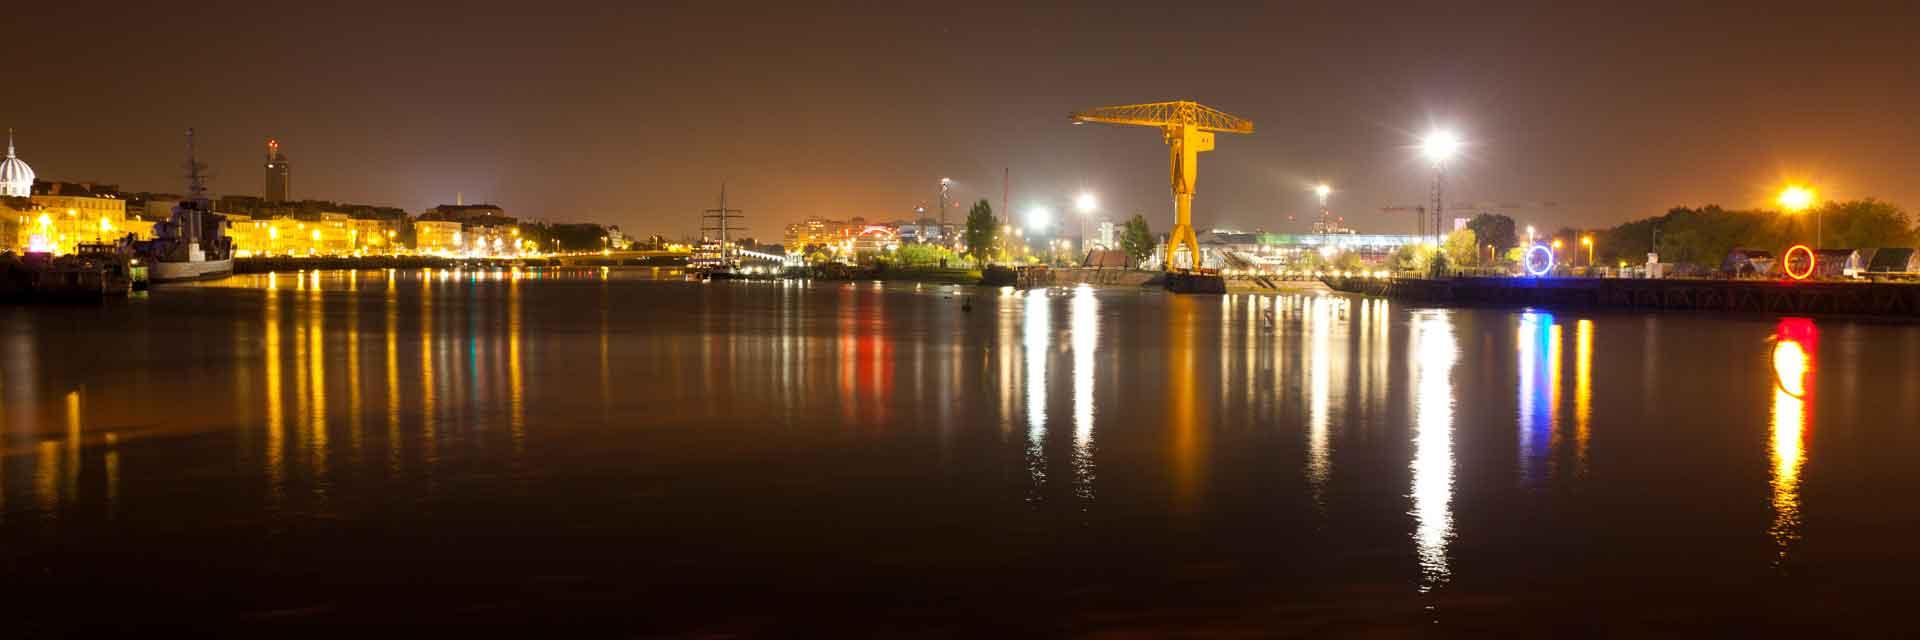 La grue jaune et le Hangar à Bananes à Nantes la nuit